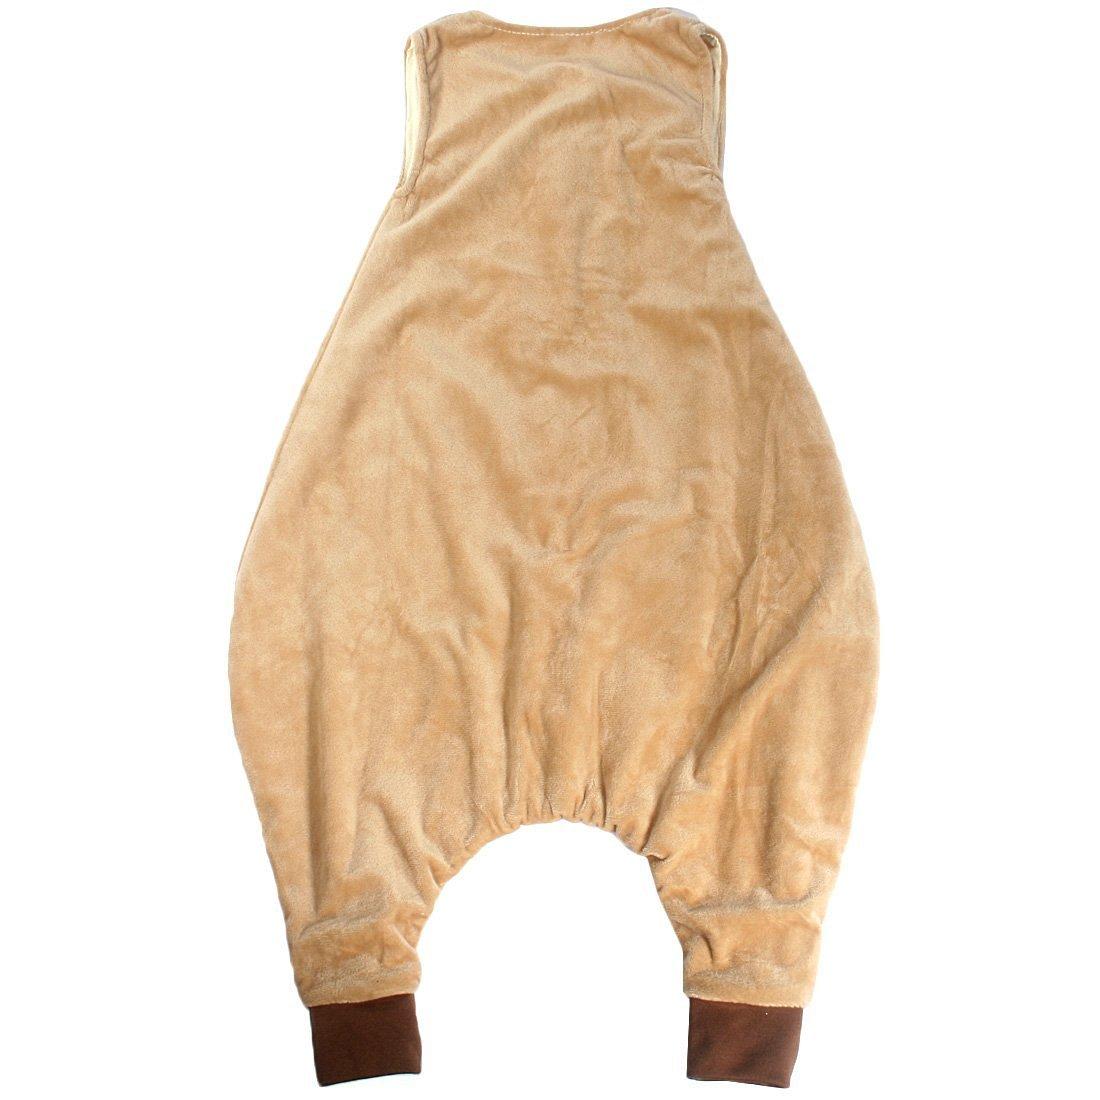 ZEEUAPI - Saco de dormir de franela para bebés niños infantíl Ropa para dormir (S (1-3 años), Caqui - búho): Amazon.es: Hogar